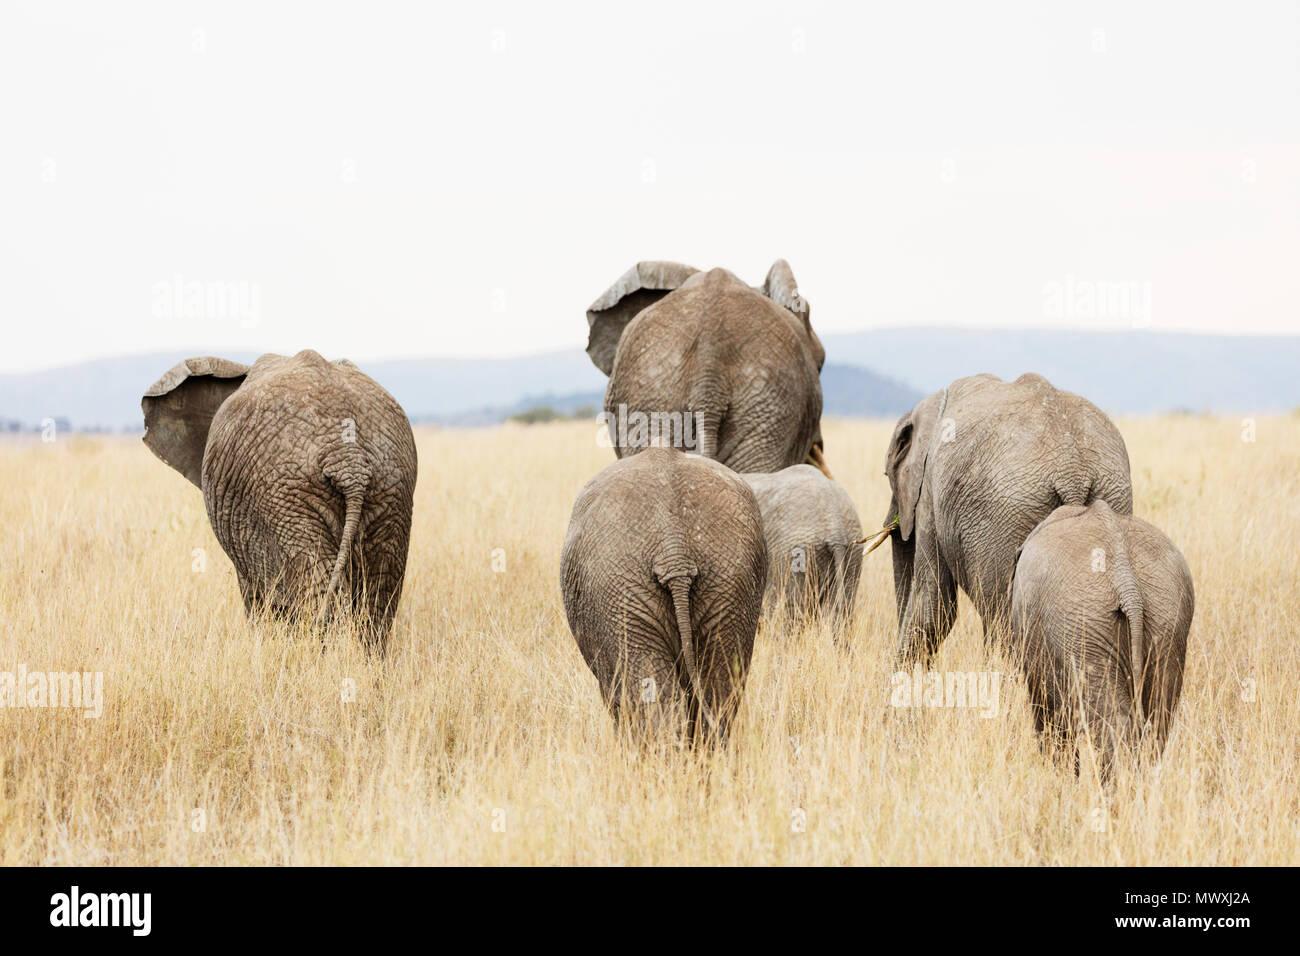 Familia de elefante africano (Loxodonta africana), el Parque nacional Serengeti, Sitio del Patrimonio Mundial de la UNESCO, Tanzania, África oriental, África Imagen De Stock